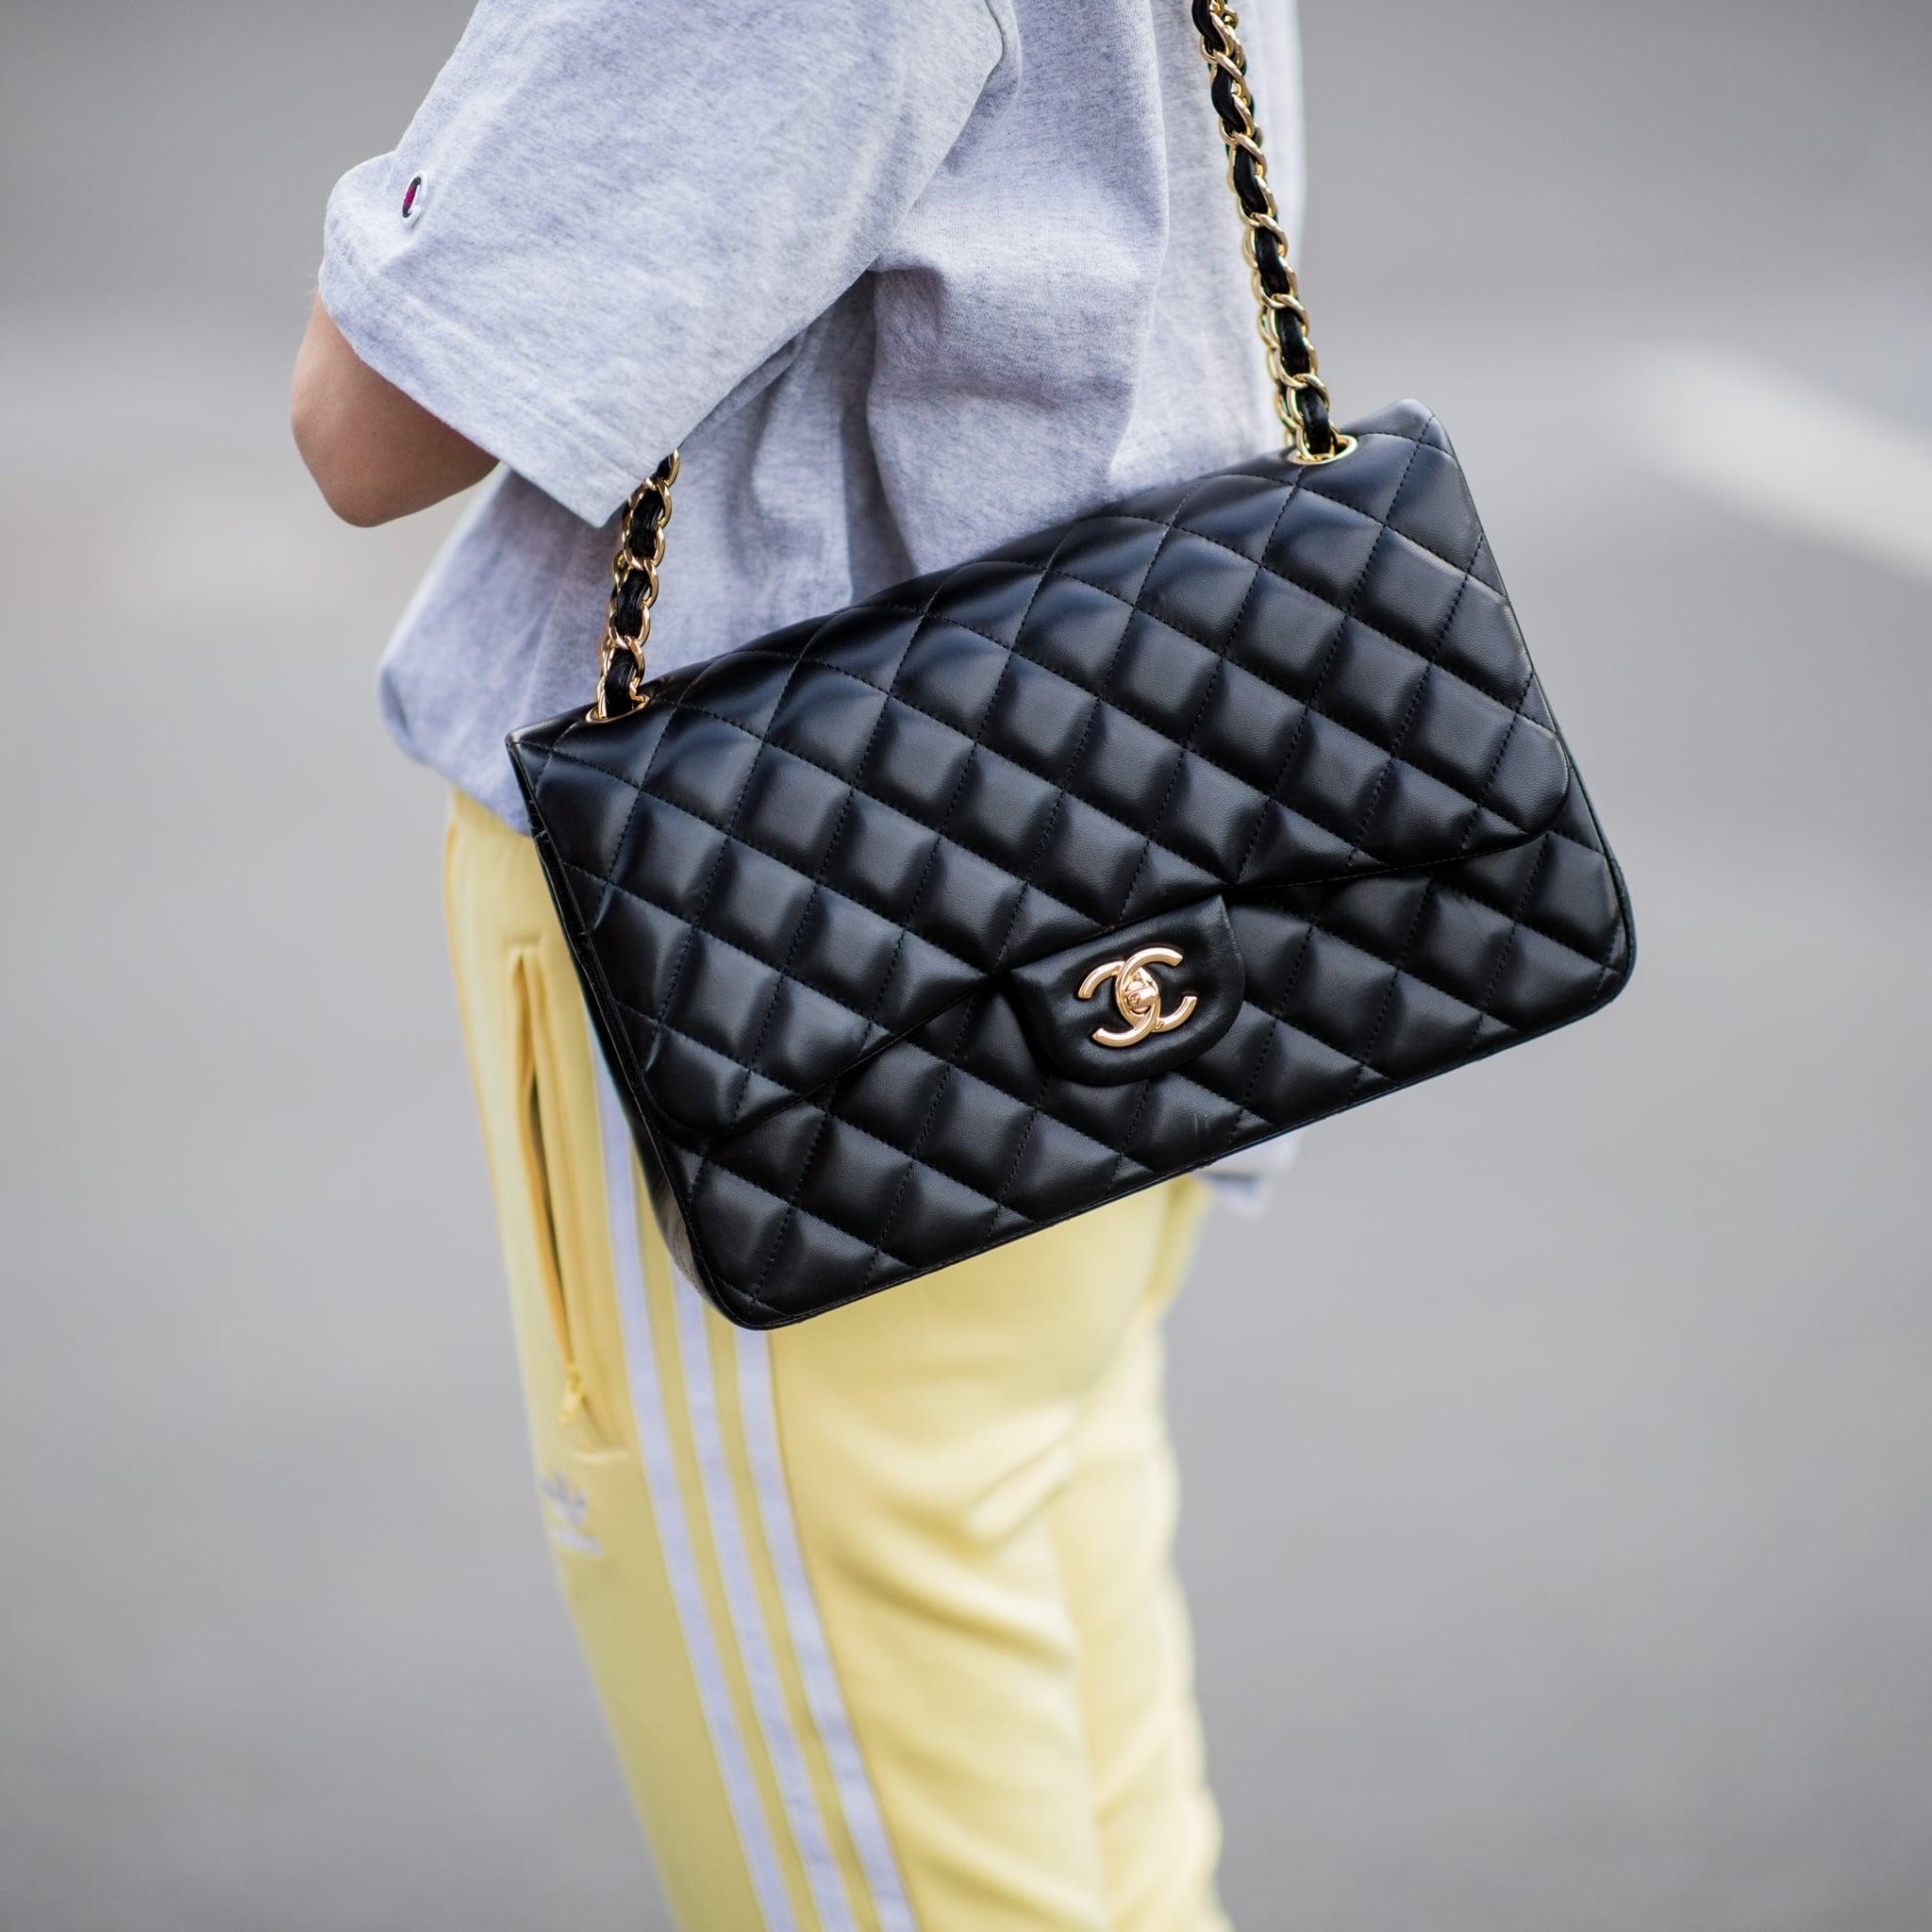 Chanel - Túi xách hàng hiệu nữ đầy cá tính, sang trọng và hiện đại